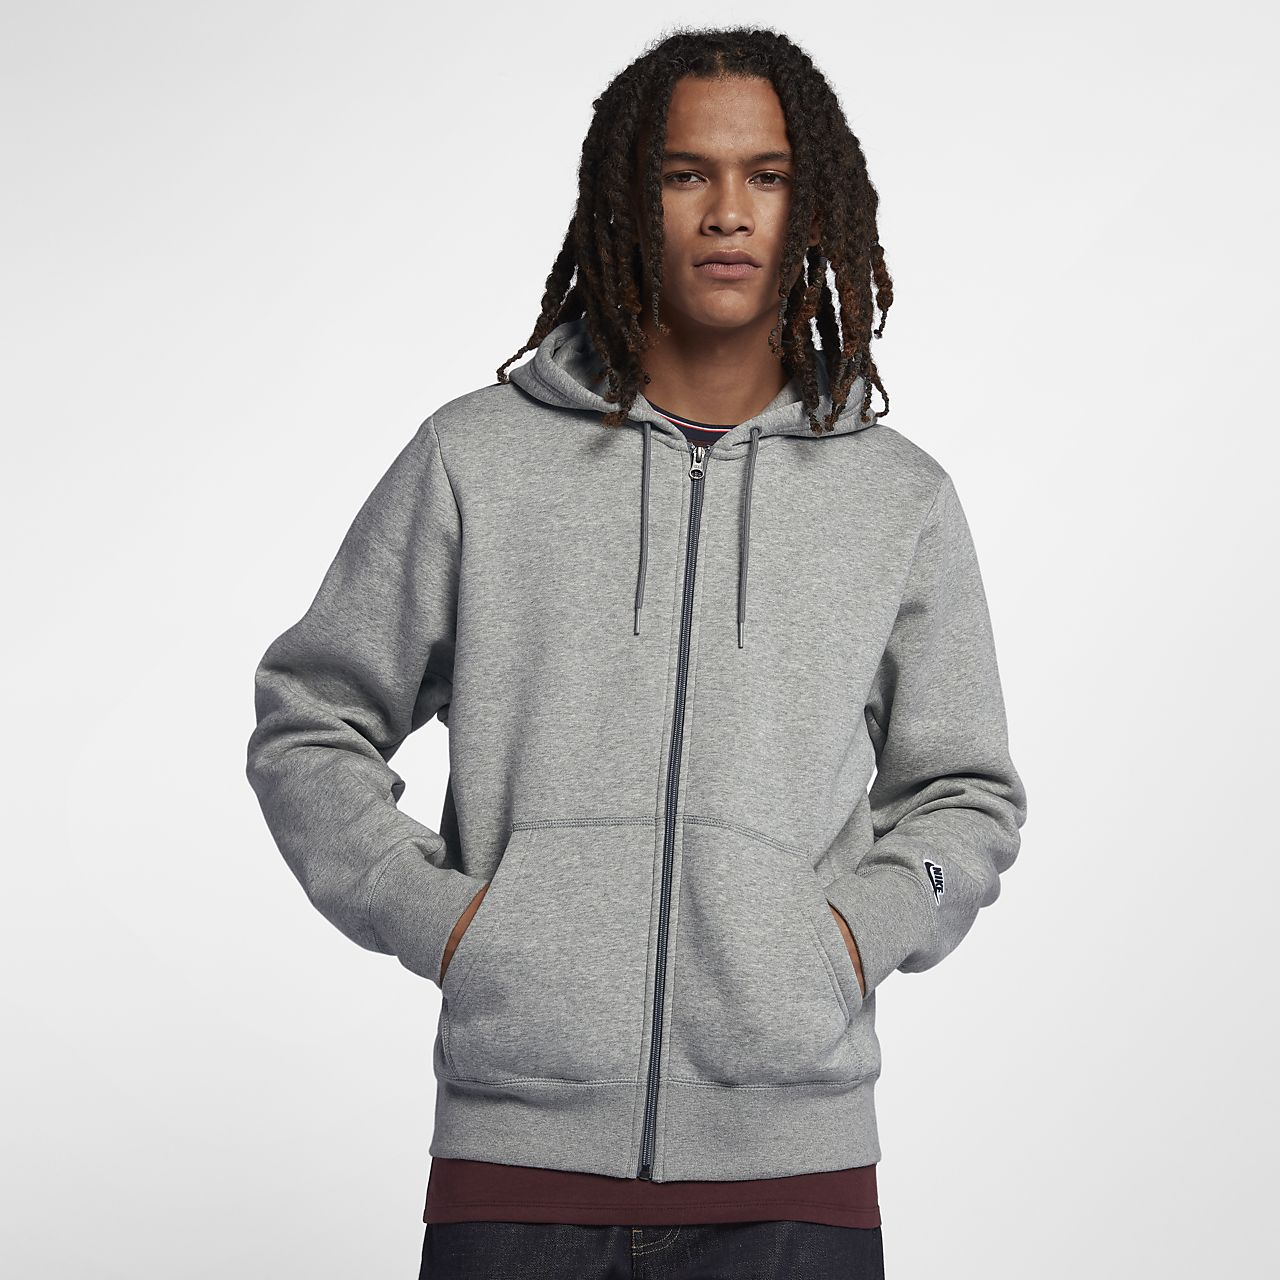 Huvtröja med hel dragkedja Nike SB Essential Icon för män